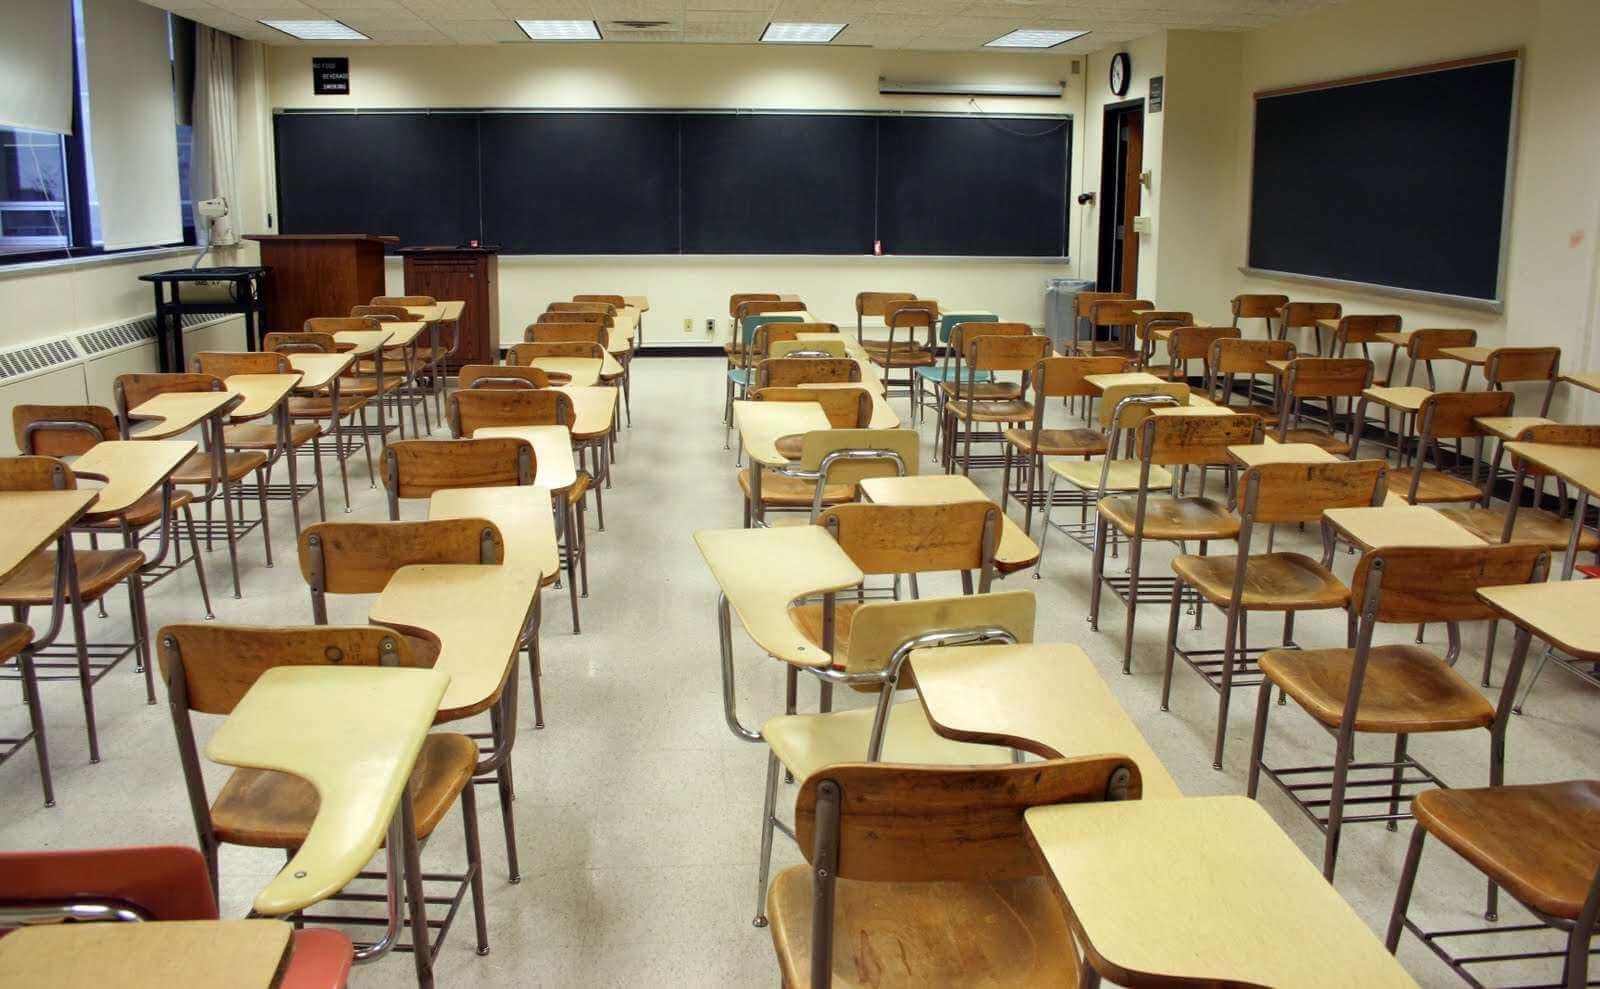 Školovani u privatnim institucijama više zarađuju, pokazalo je istraživanje